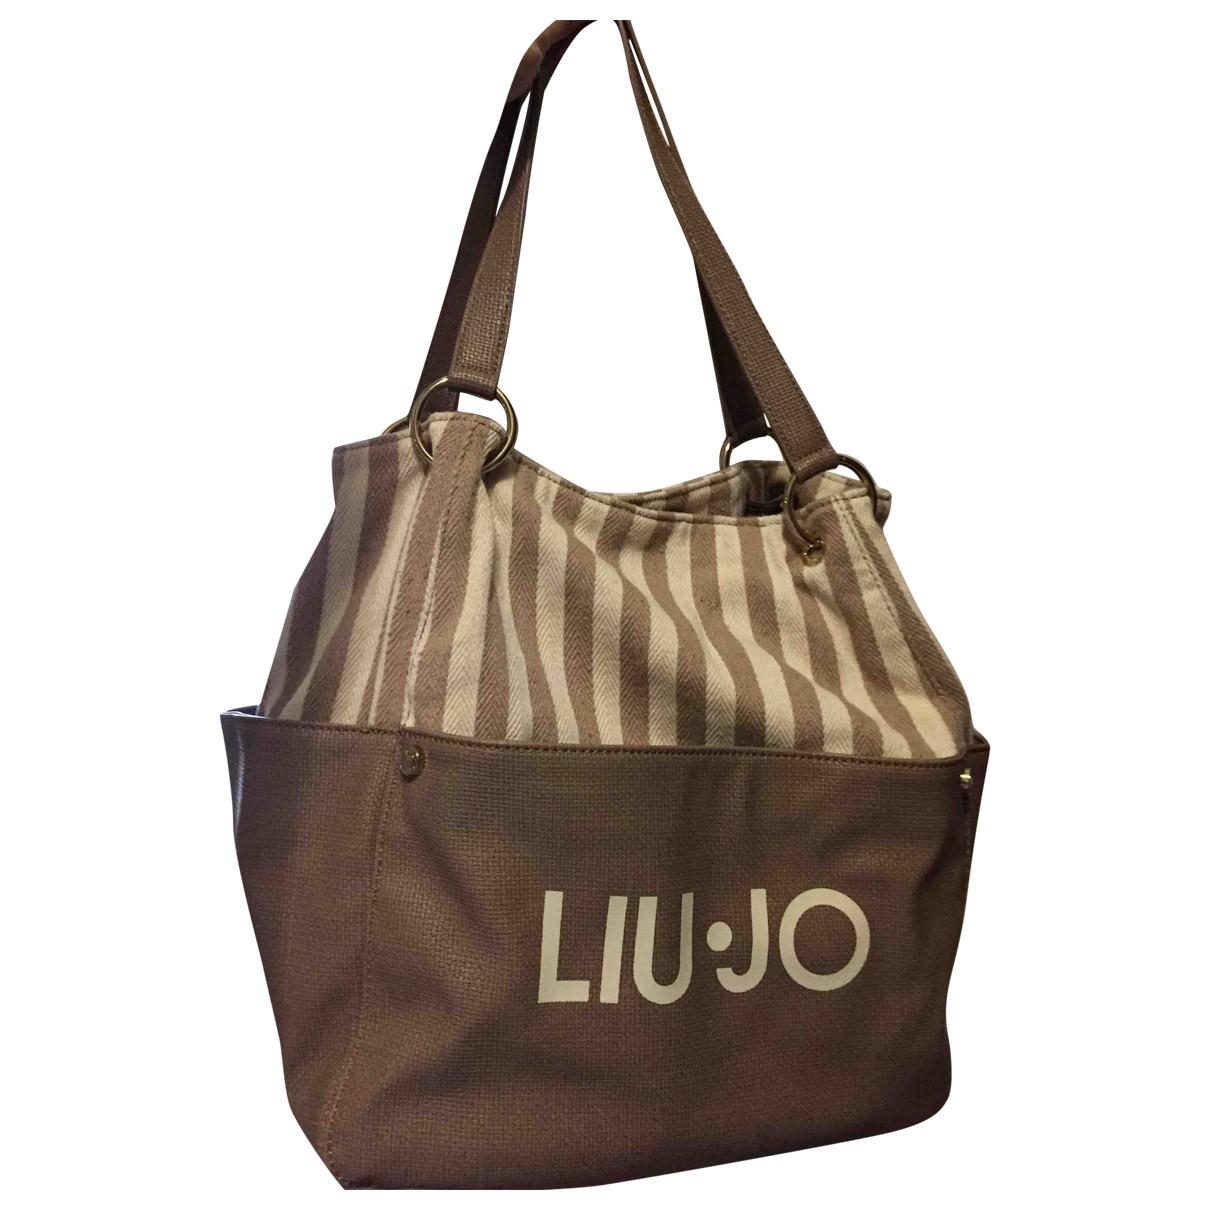 Liu.jo \N Handtasche in  Kamel Baumwolle